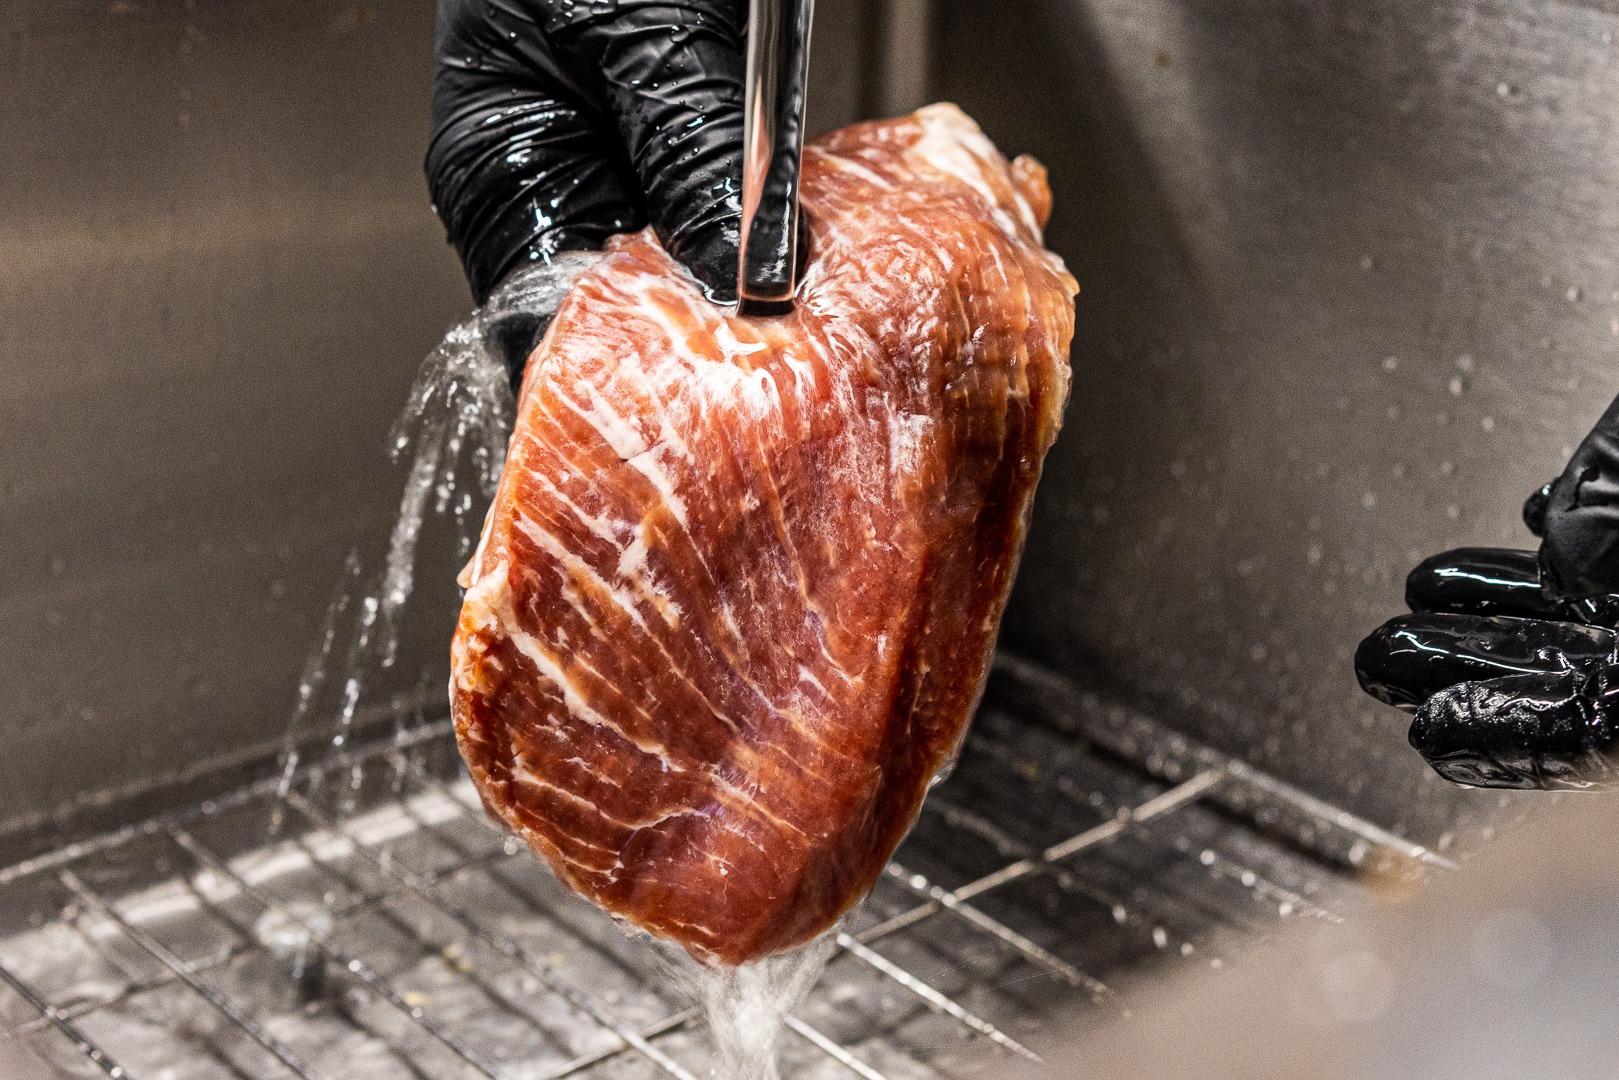 rinsing the pork slices